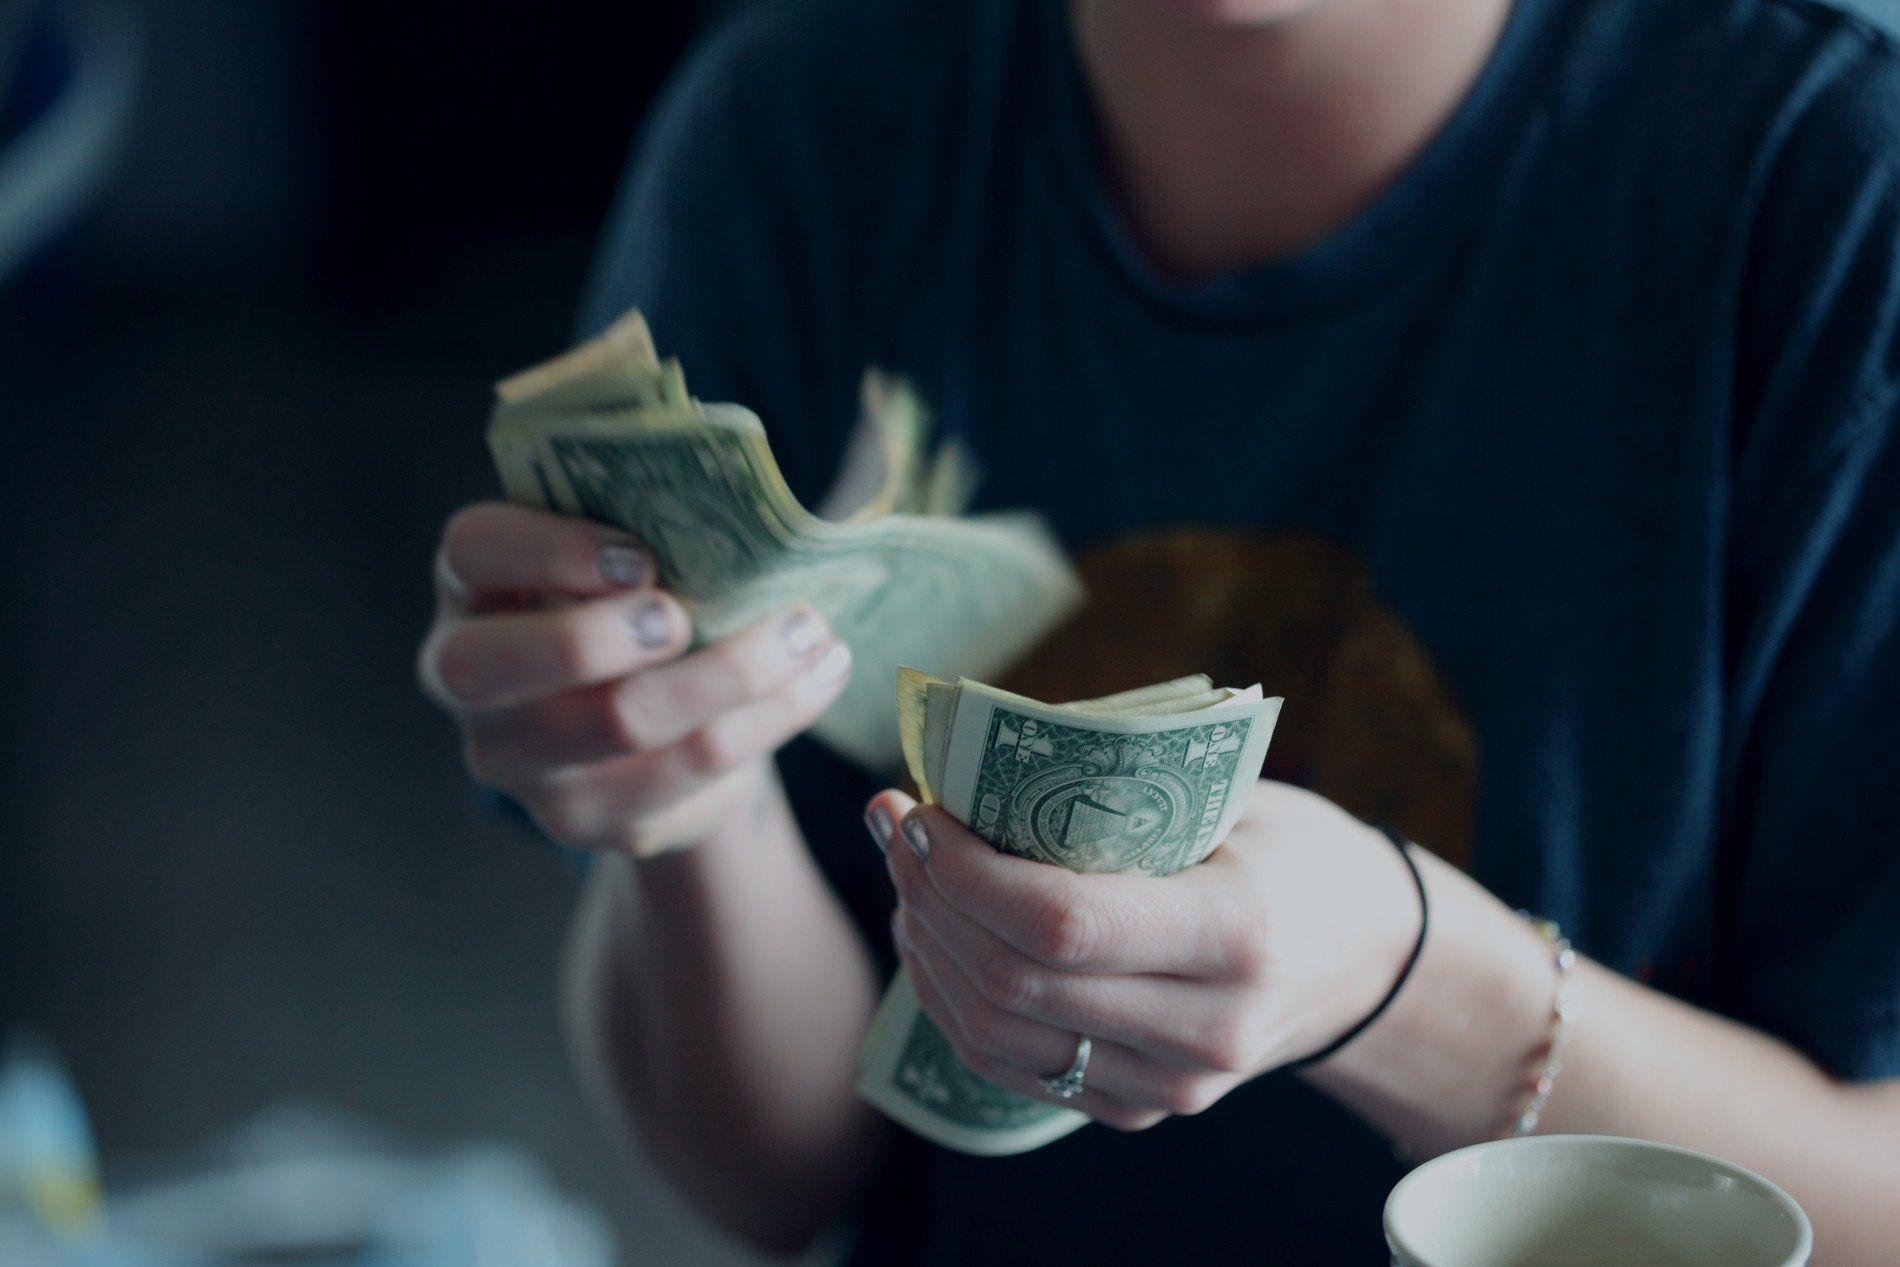 Πως να βγάλεις λεφτά από το ίντερνετ